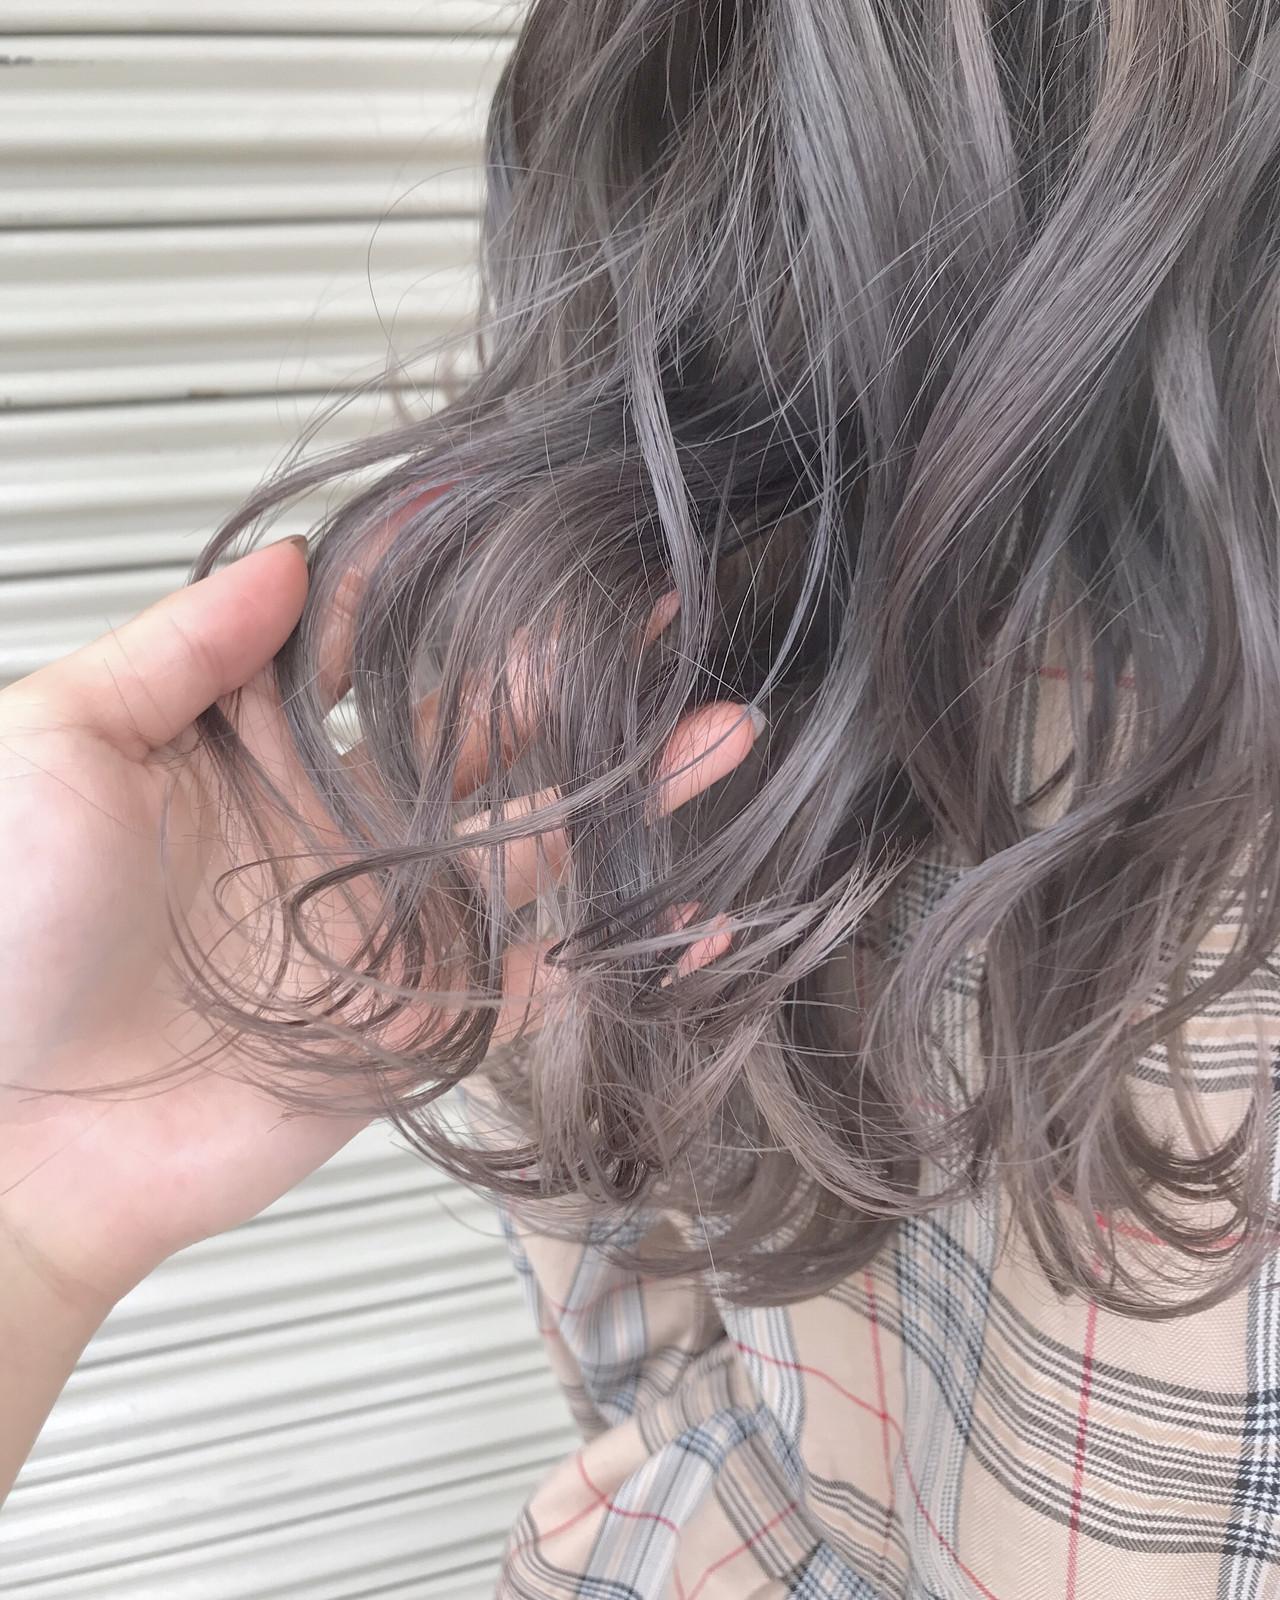 ミルクティーベージュ ラベンダーグレージュ ミルクティーグレージュ グレージュ ヘアスタイルや髪型の写真・画像 | 大石亜里紗 / CREA茅ヶ崎